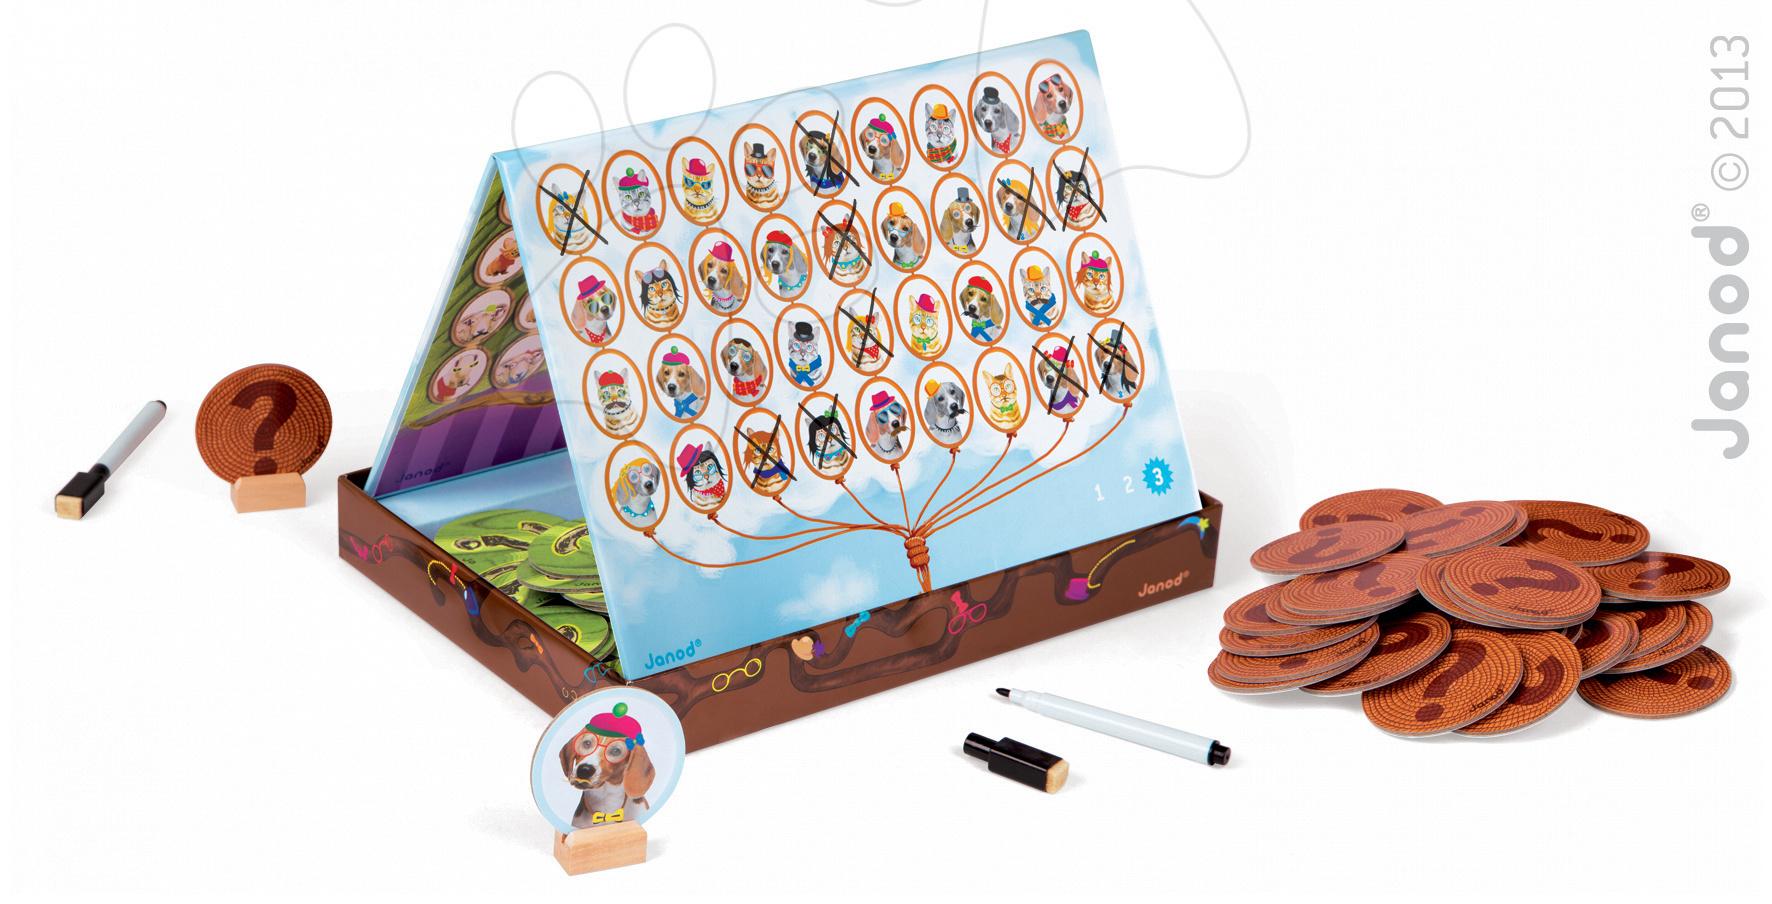 Společenská hra pro děti Who am I? Janod v angličtině od 5-12 let